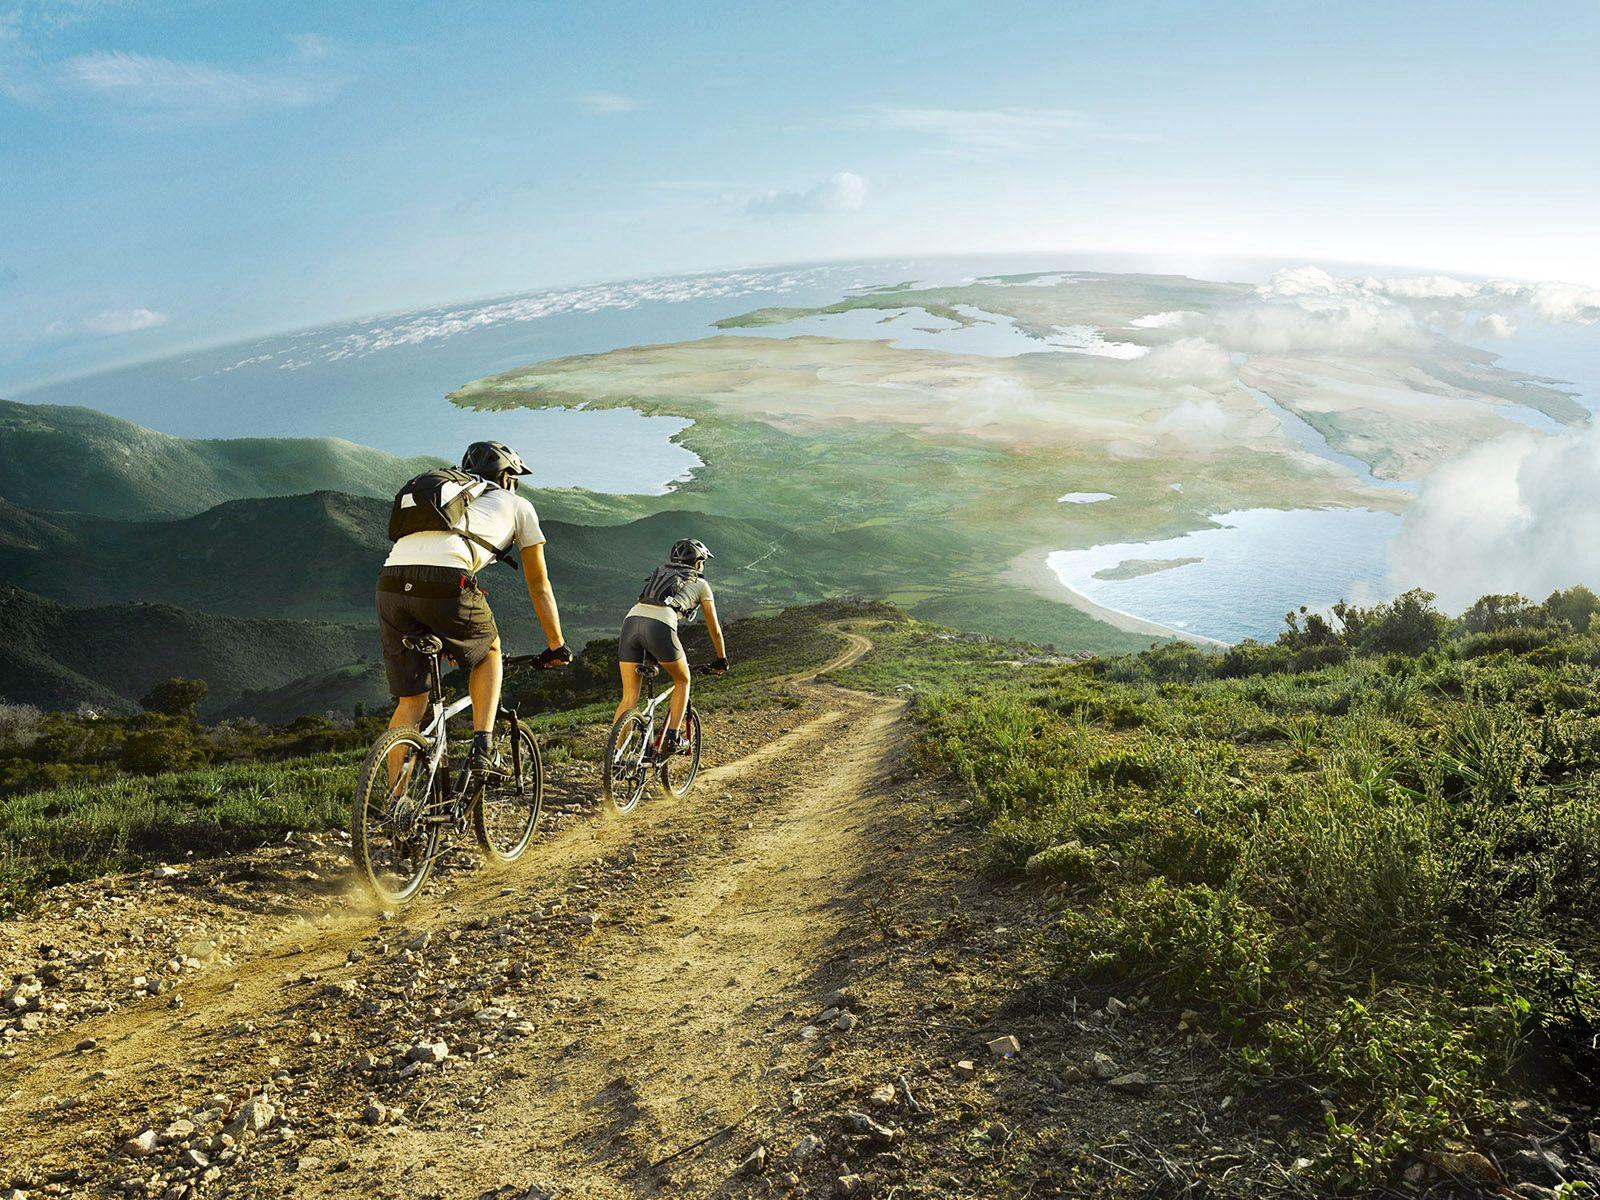 66049 économiseurs d'écran et fonds d'écran Sport sur votre téléphone. Téléchargez Sport, Cyclistes, Enregistrement, Giron, Descente, Route, Montagnes images gratuitement